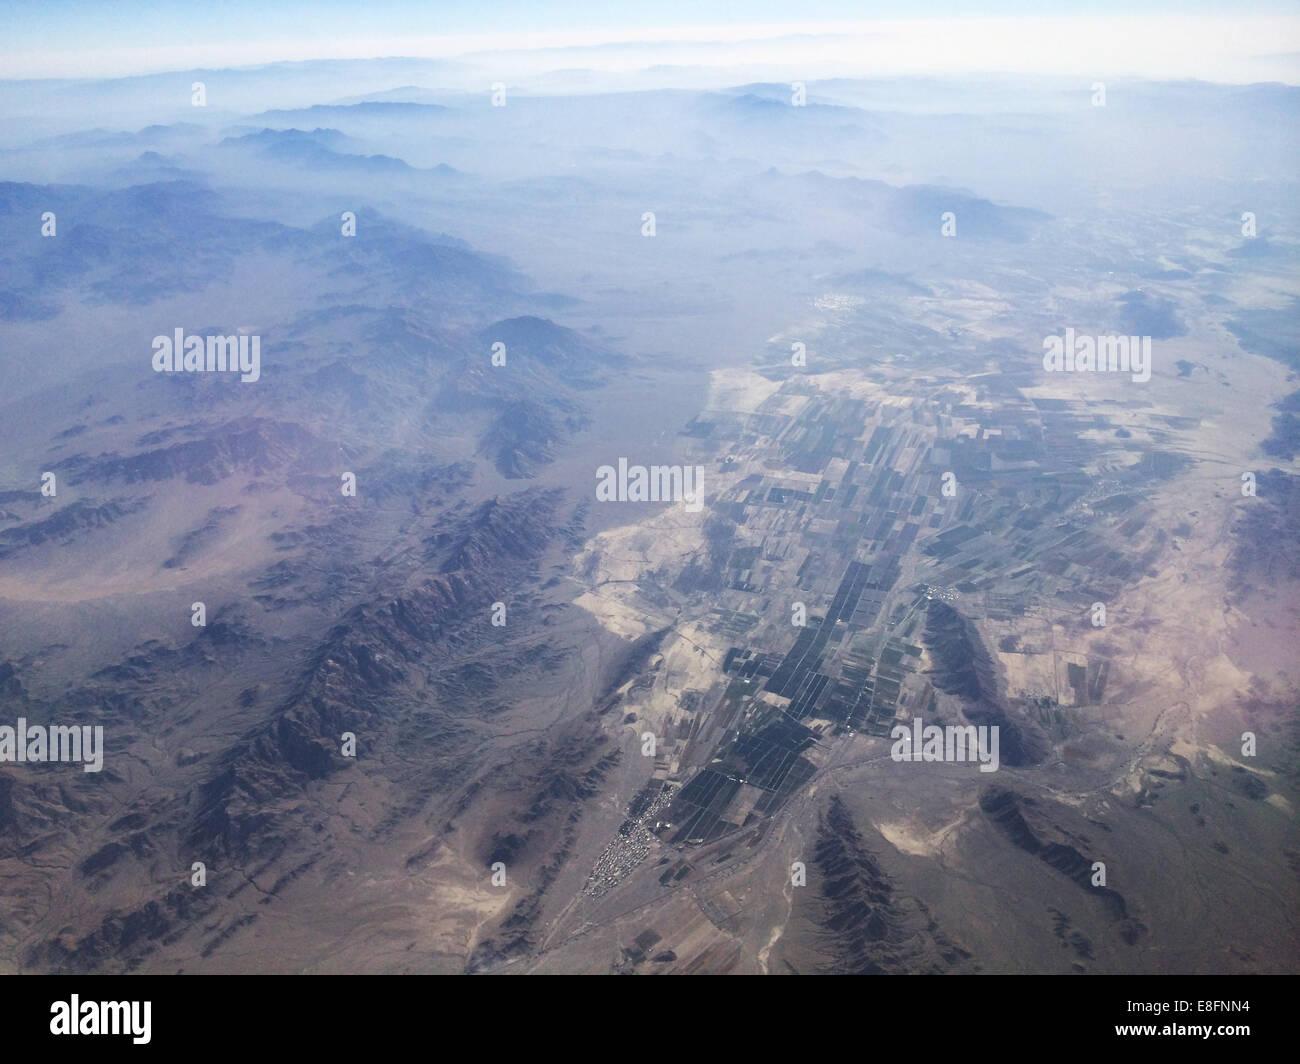 Landwirtschaftliche Flächen und Gebirge Stockbild